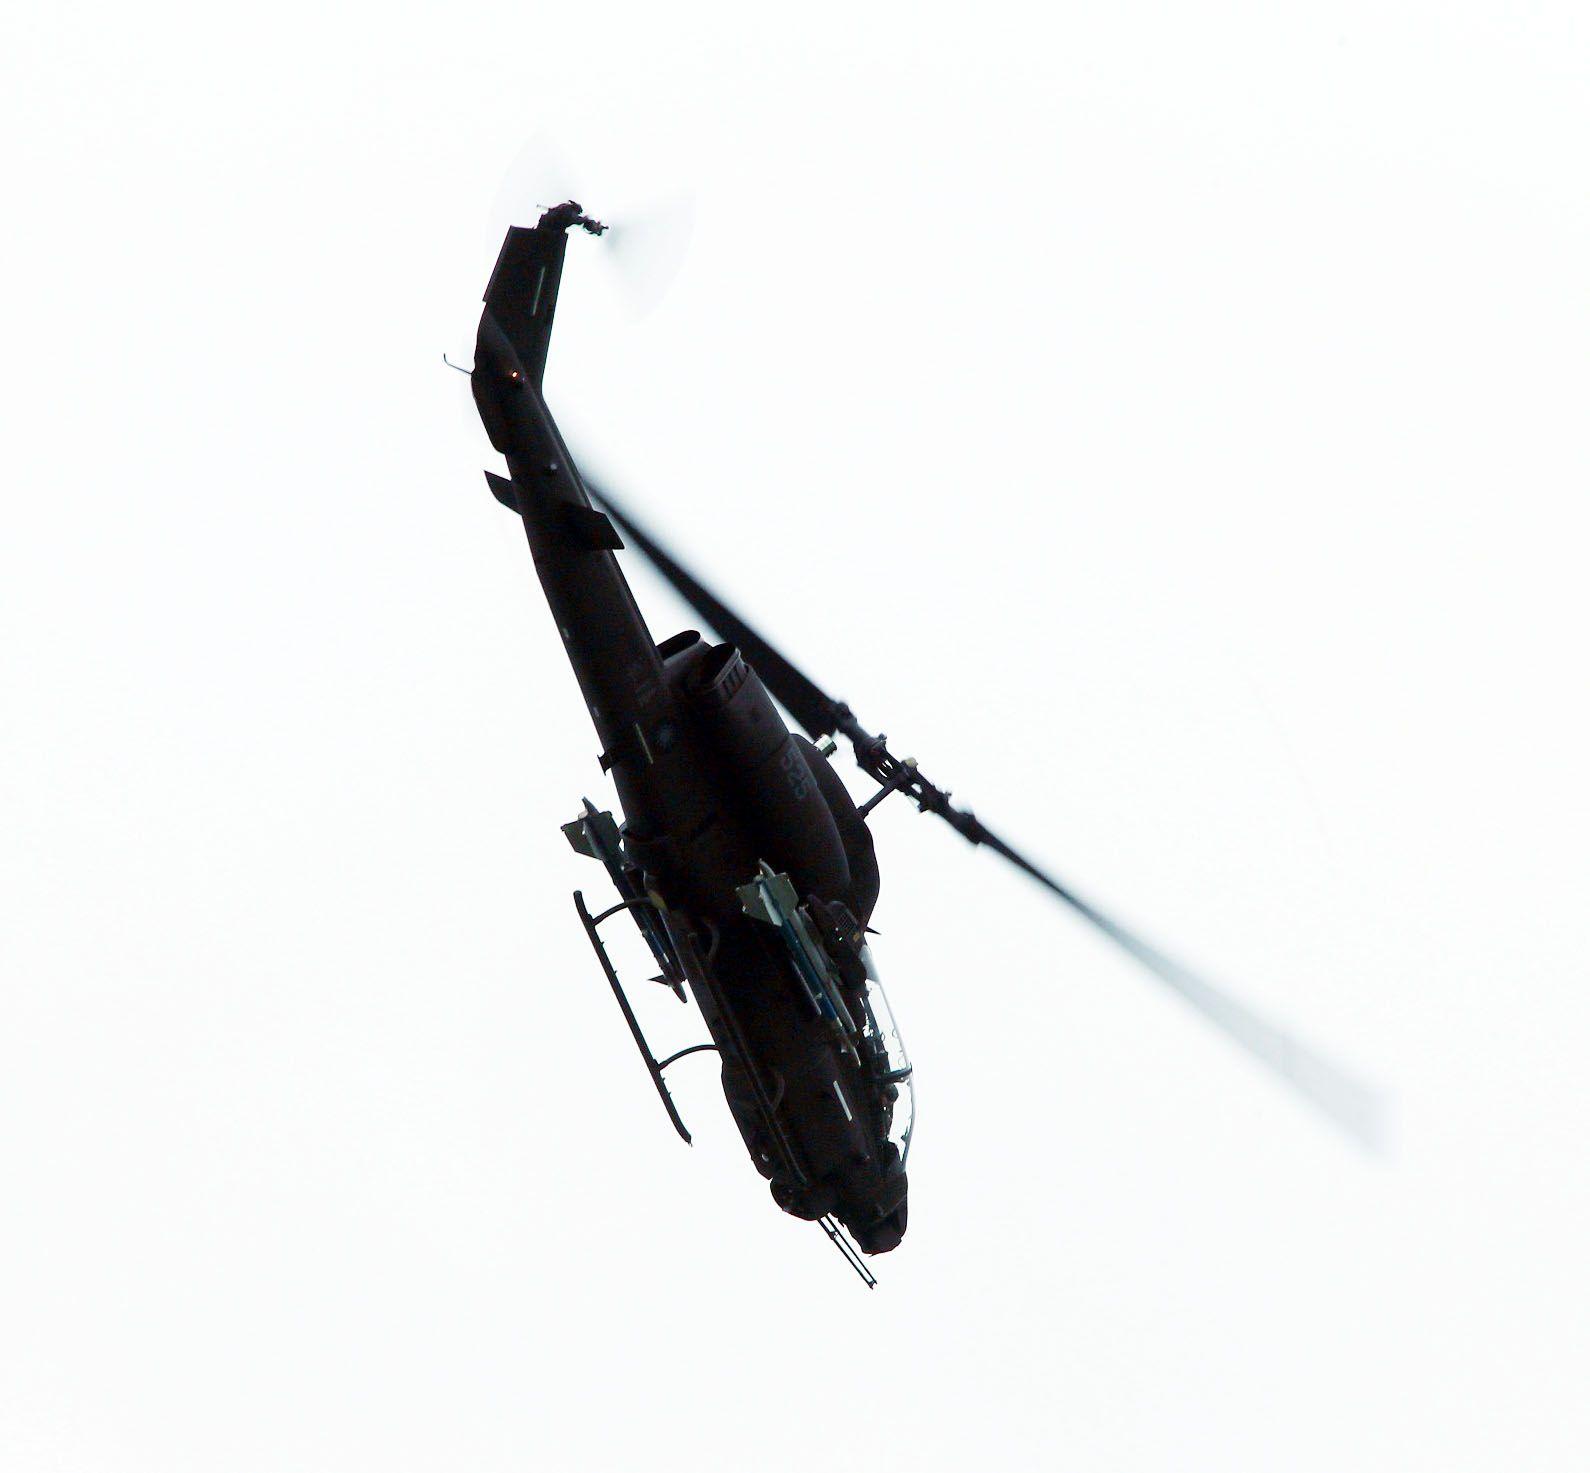 陸航AH-1W眼鏡蛇攻擊直升機擔負空中警戒。(記者邱榮吉/彰化花壇拍攝)